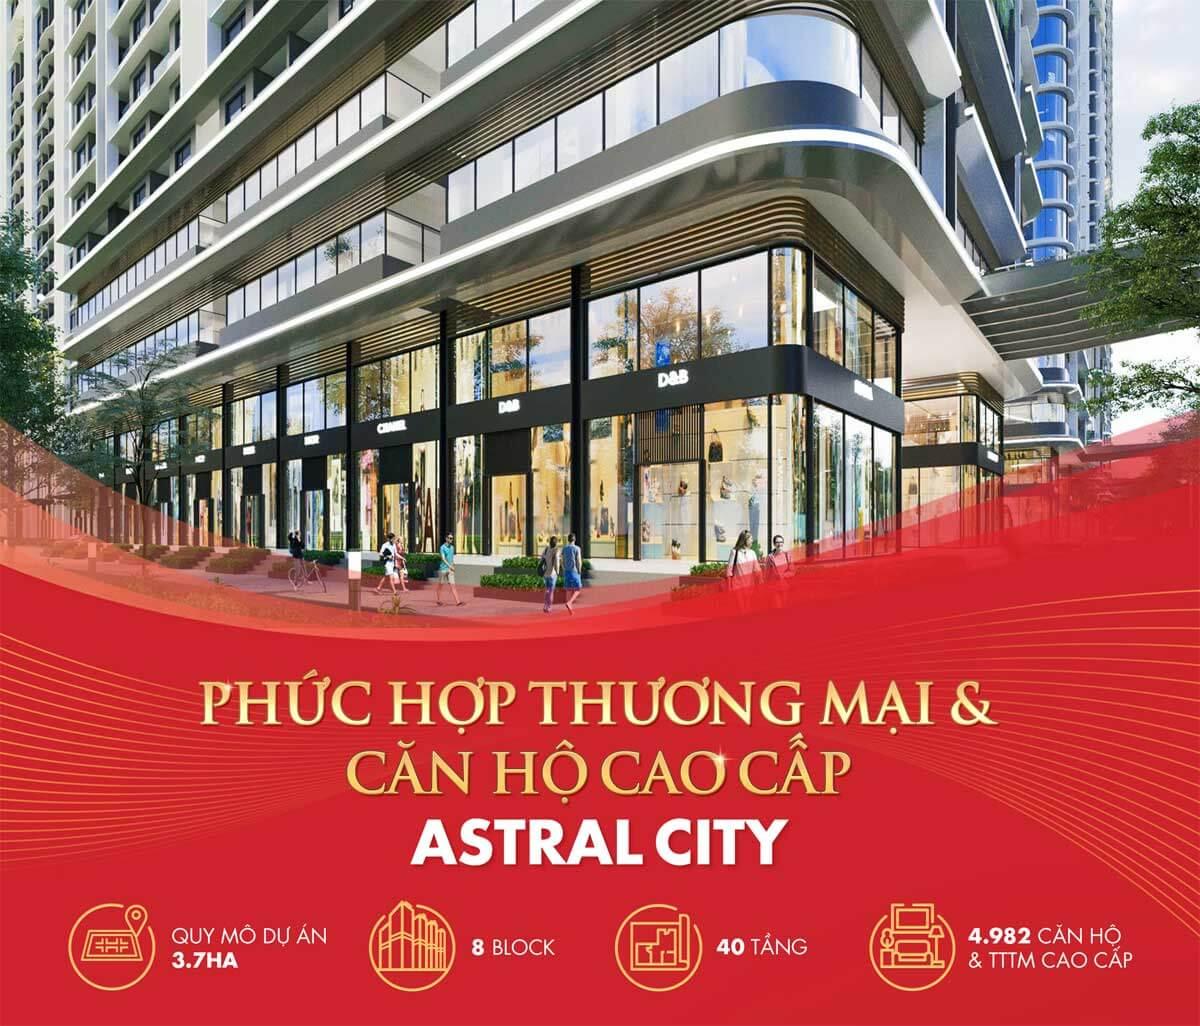 Khu Shophouse Astral City Bình Dương